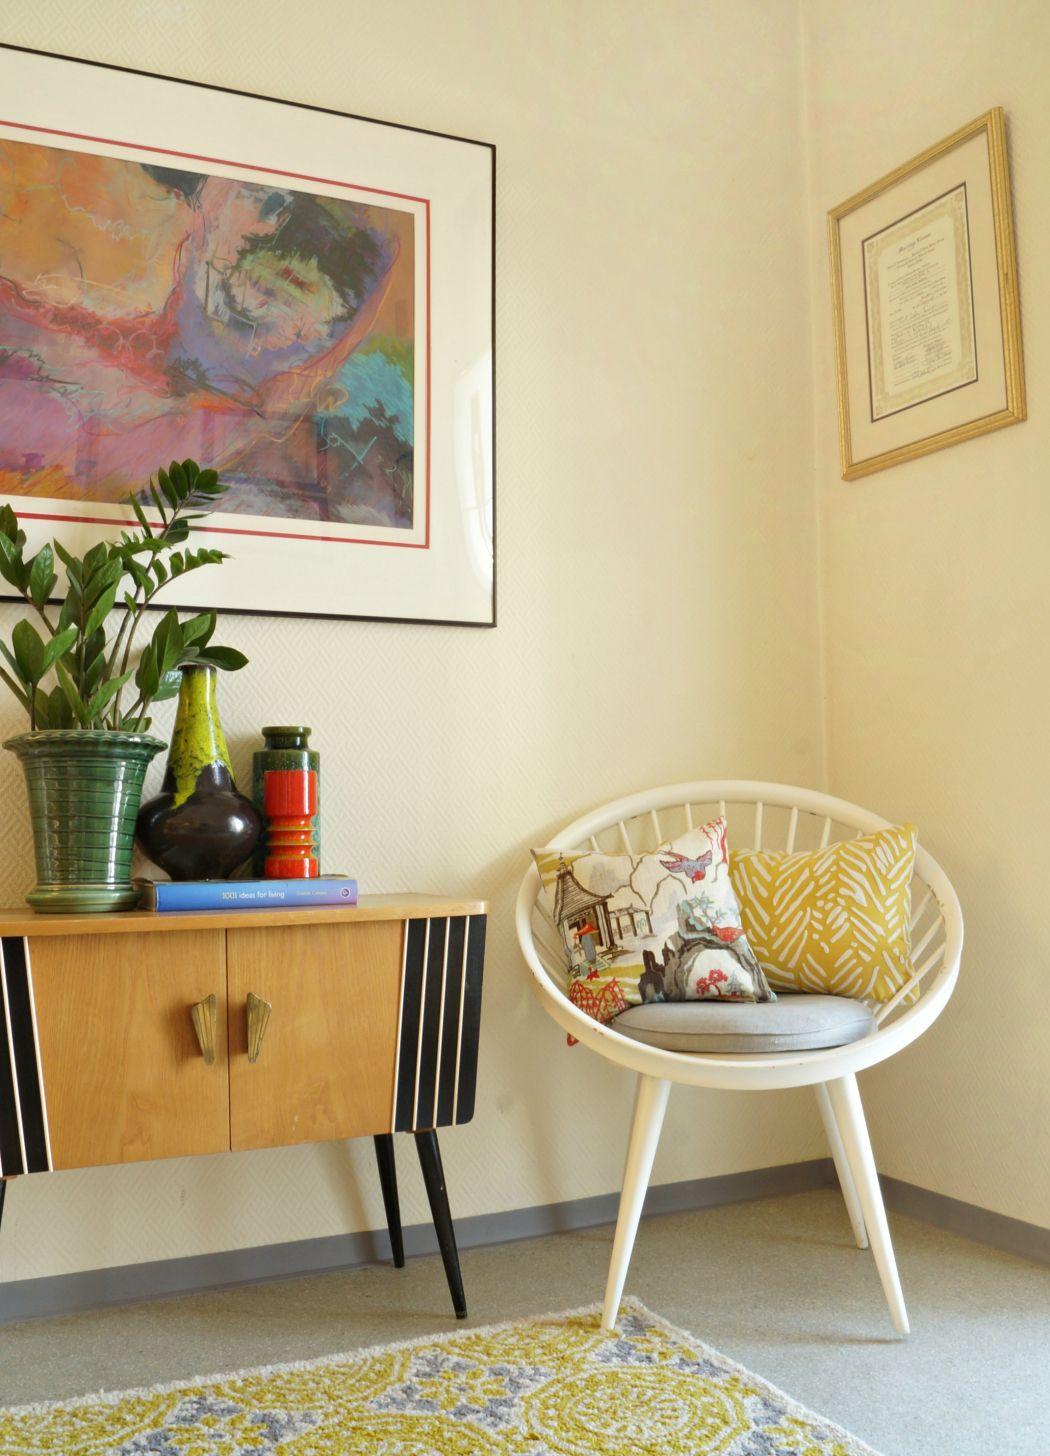 marvelous robert allen home and garden. Robert Allen Neo Toile Coral Footstool Covers  allen and Upholstery